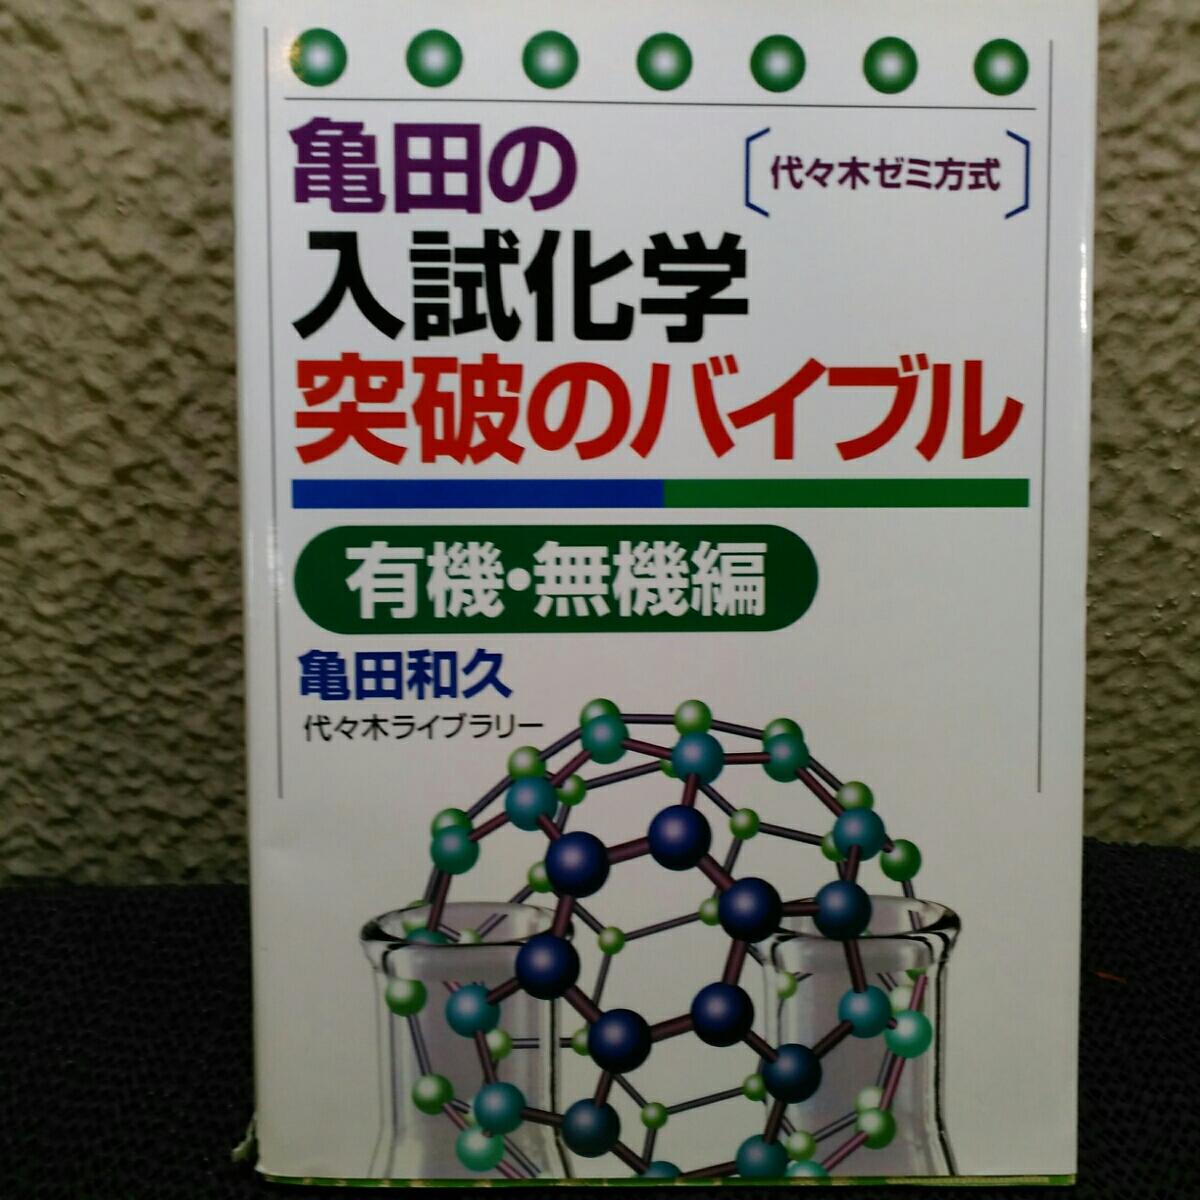 亀田の 入試化学突破のバイブル_画像1